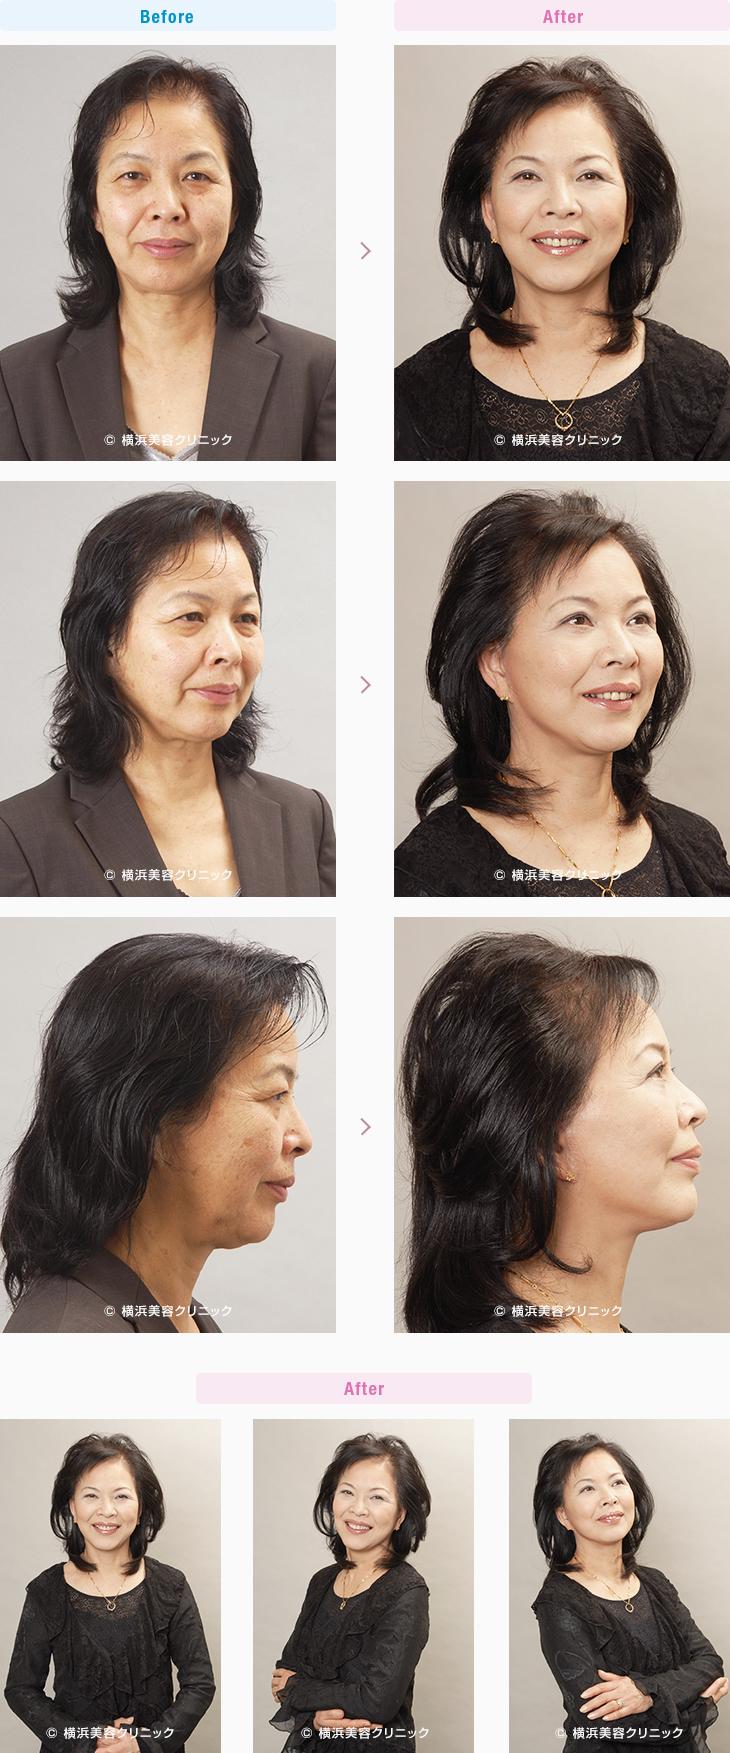 フェイスリフト 【60代女性】頬の弛みのだぶつきが多い場合は、頬の脂肪吸引を同時に行うと効果的【横浜美容クリニック】